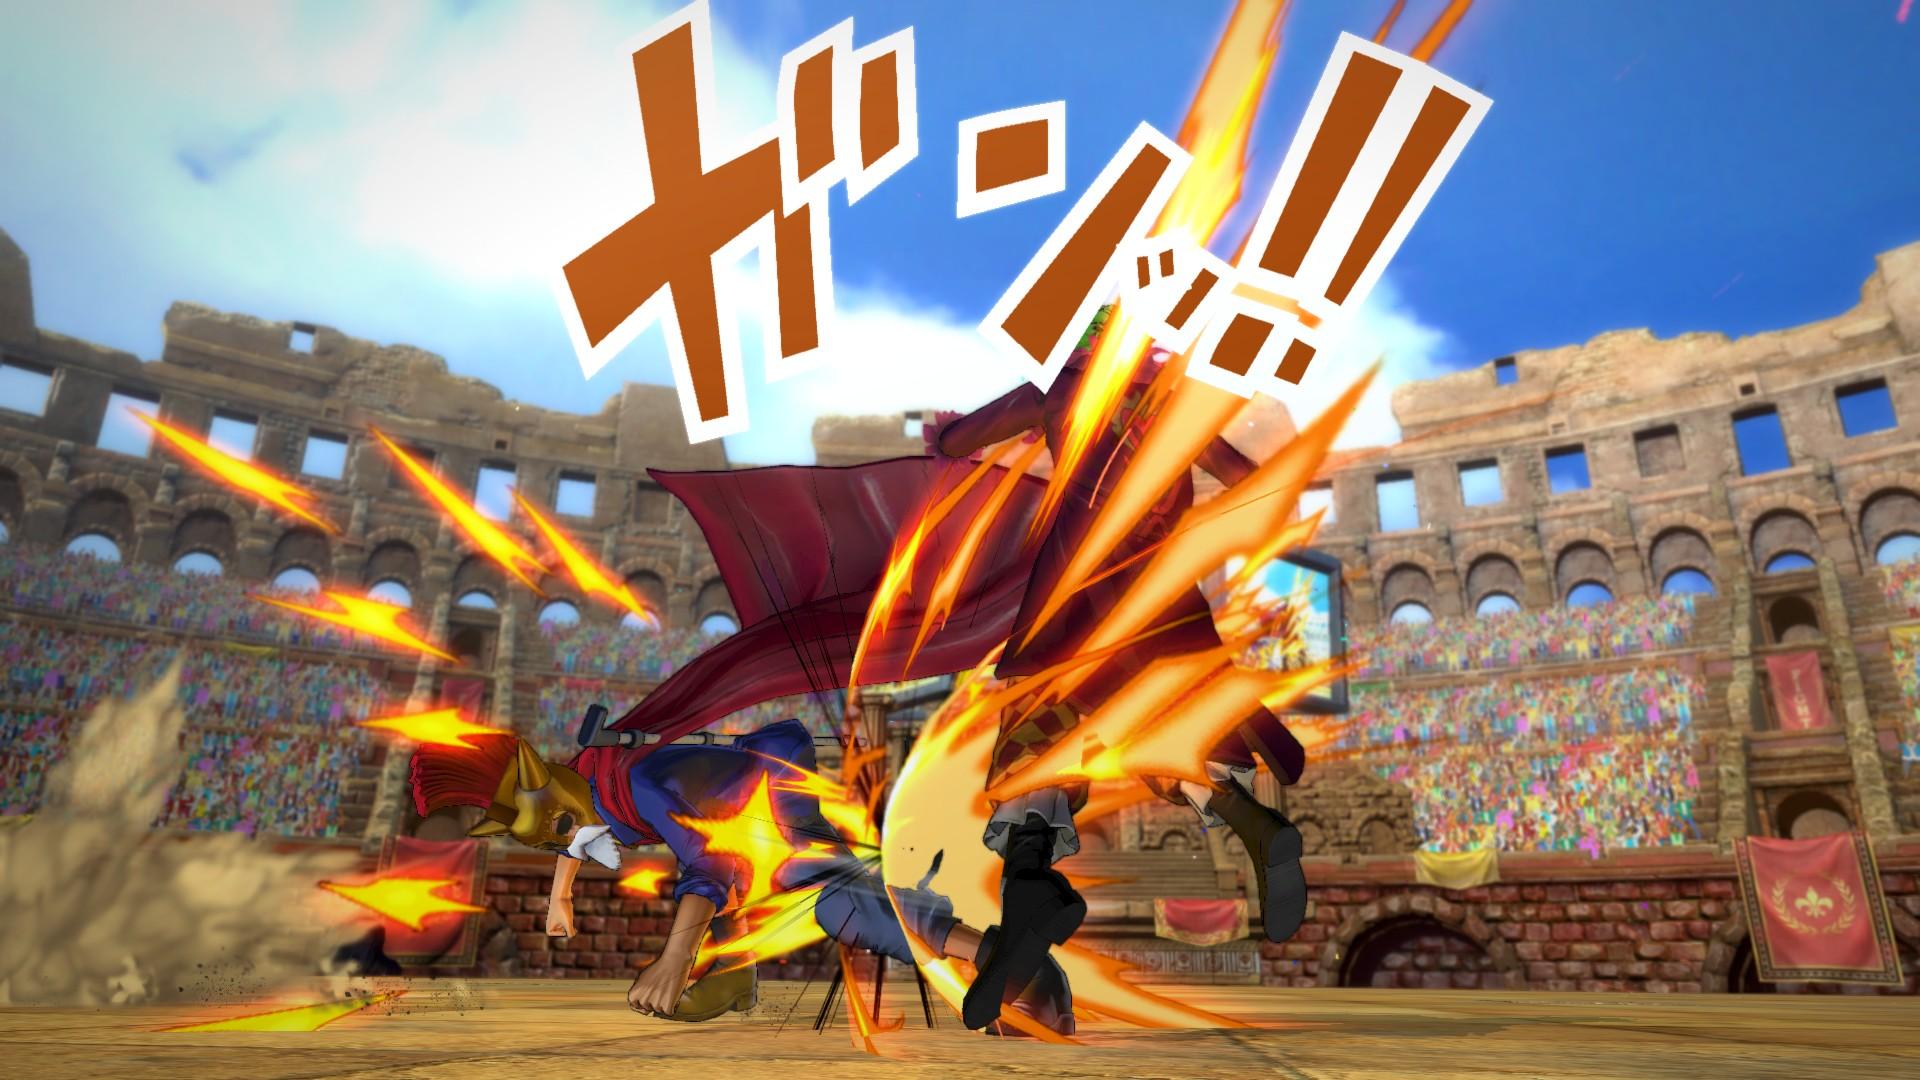 Bonusy za předobjednávku digitálních kopií One Piece: Burning Blood 122822